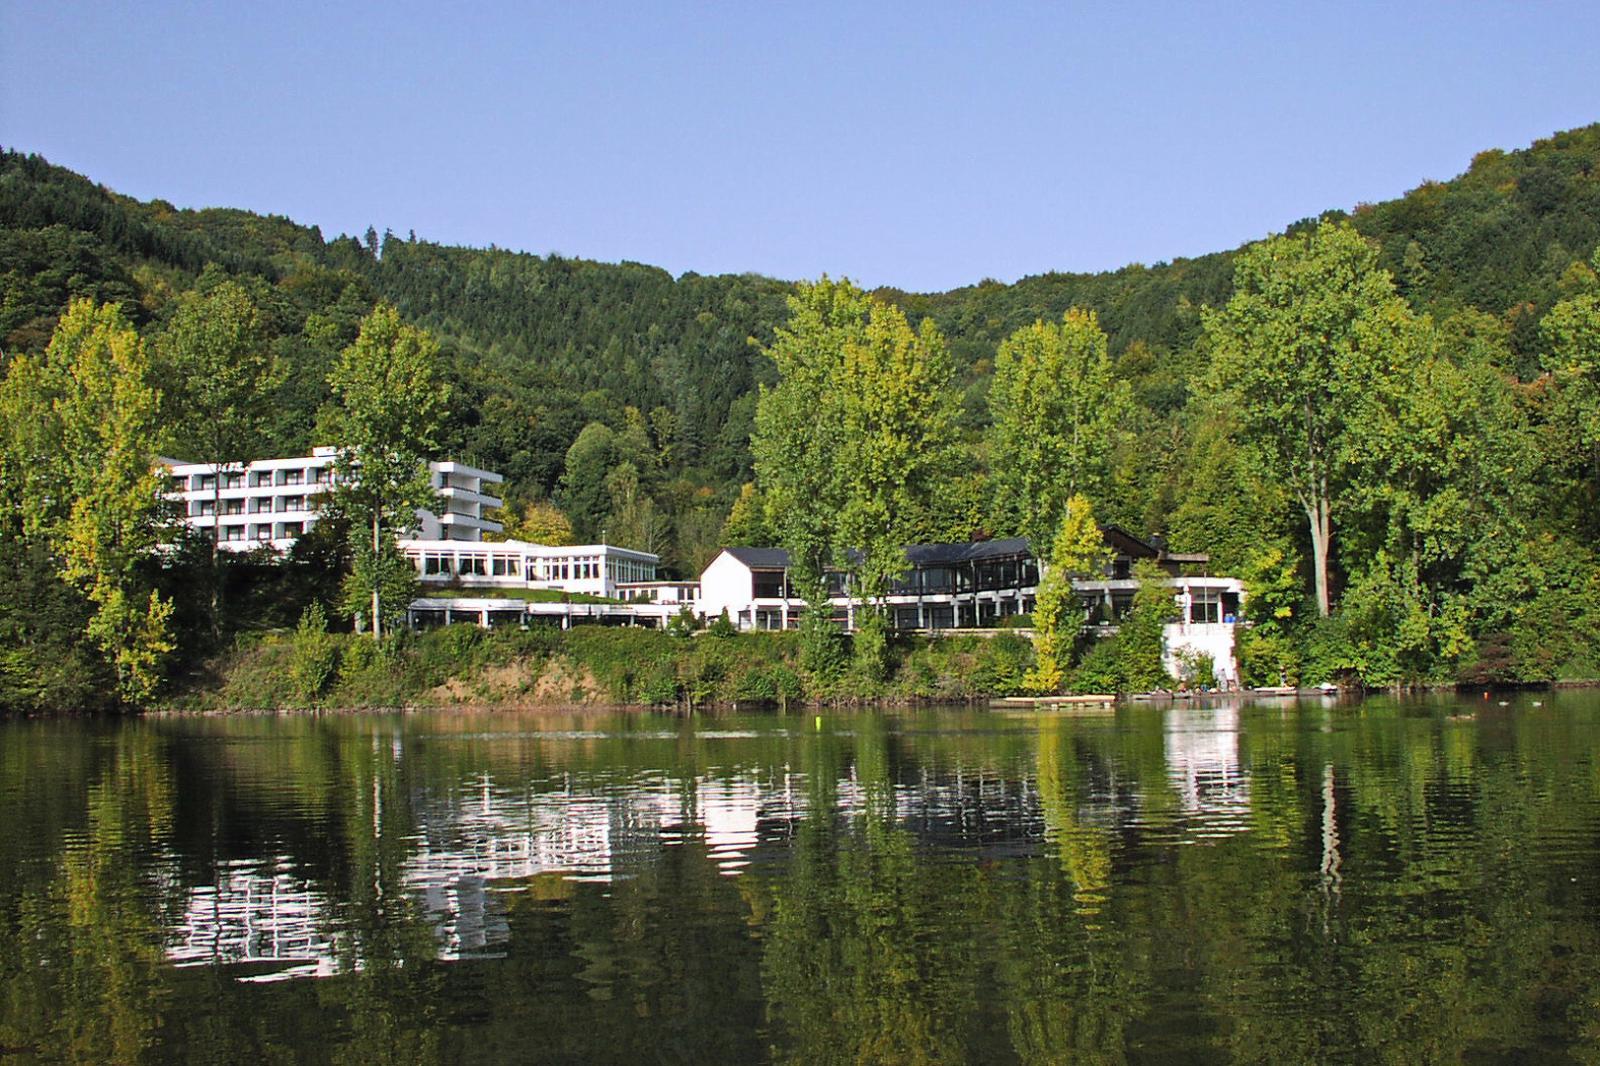 Rheinland Pfalz Hotel Am See